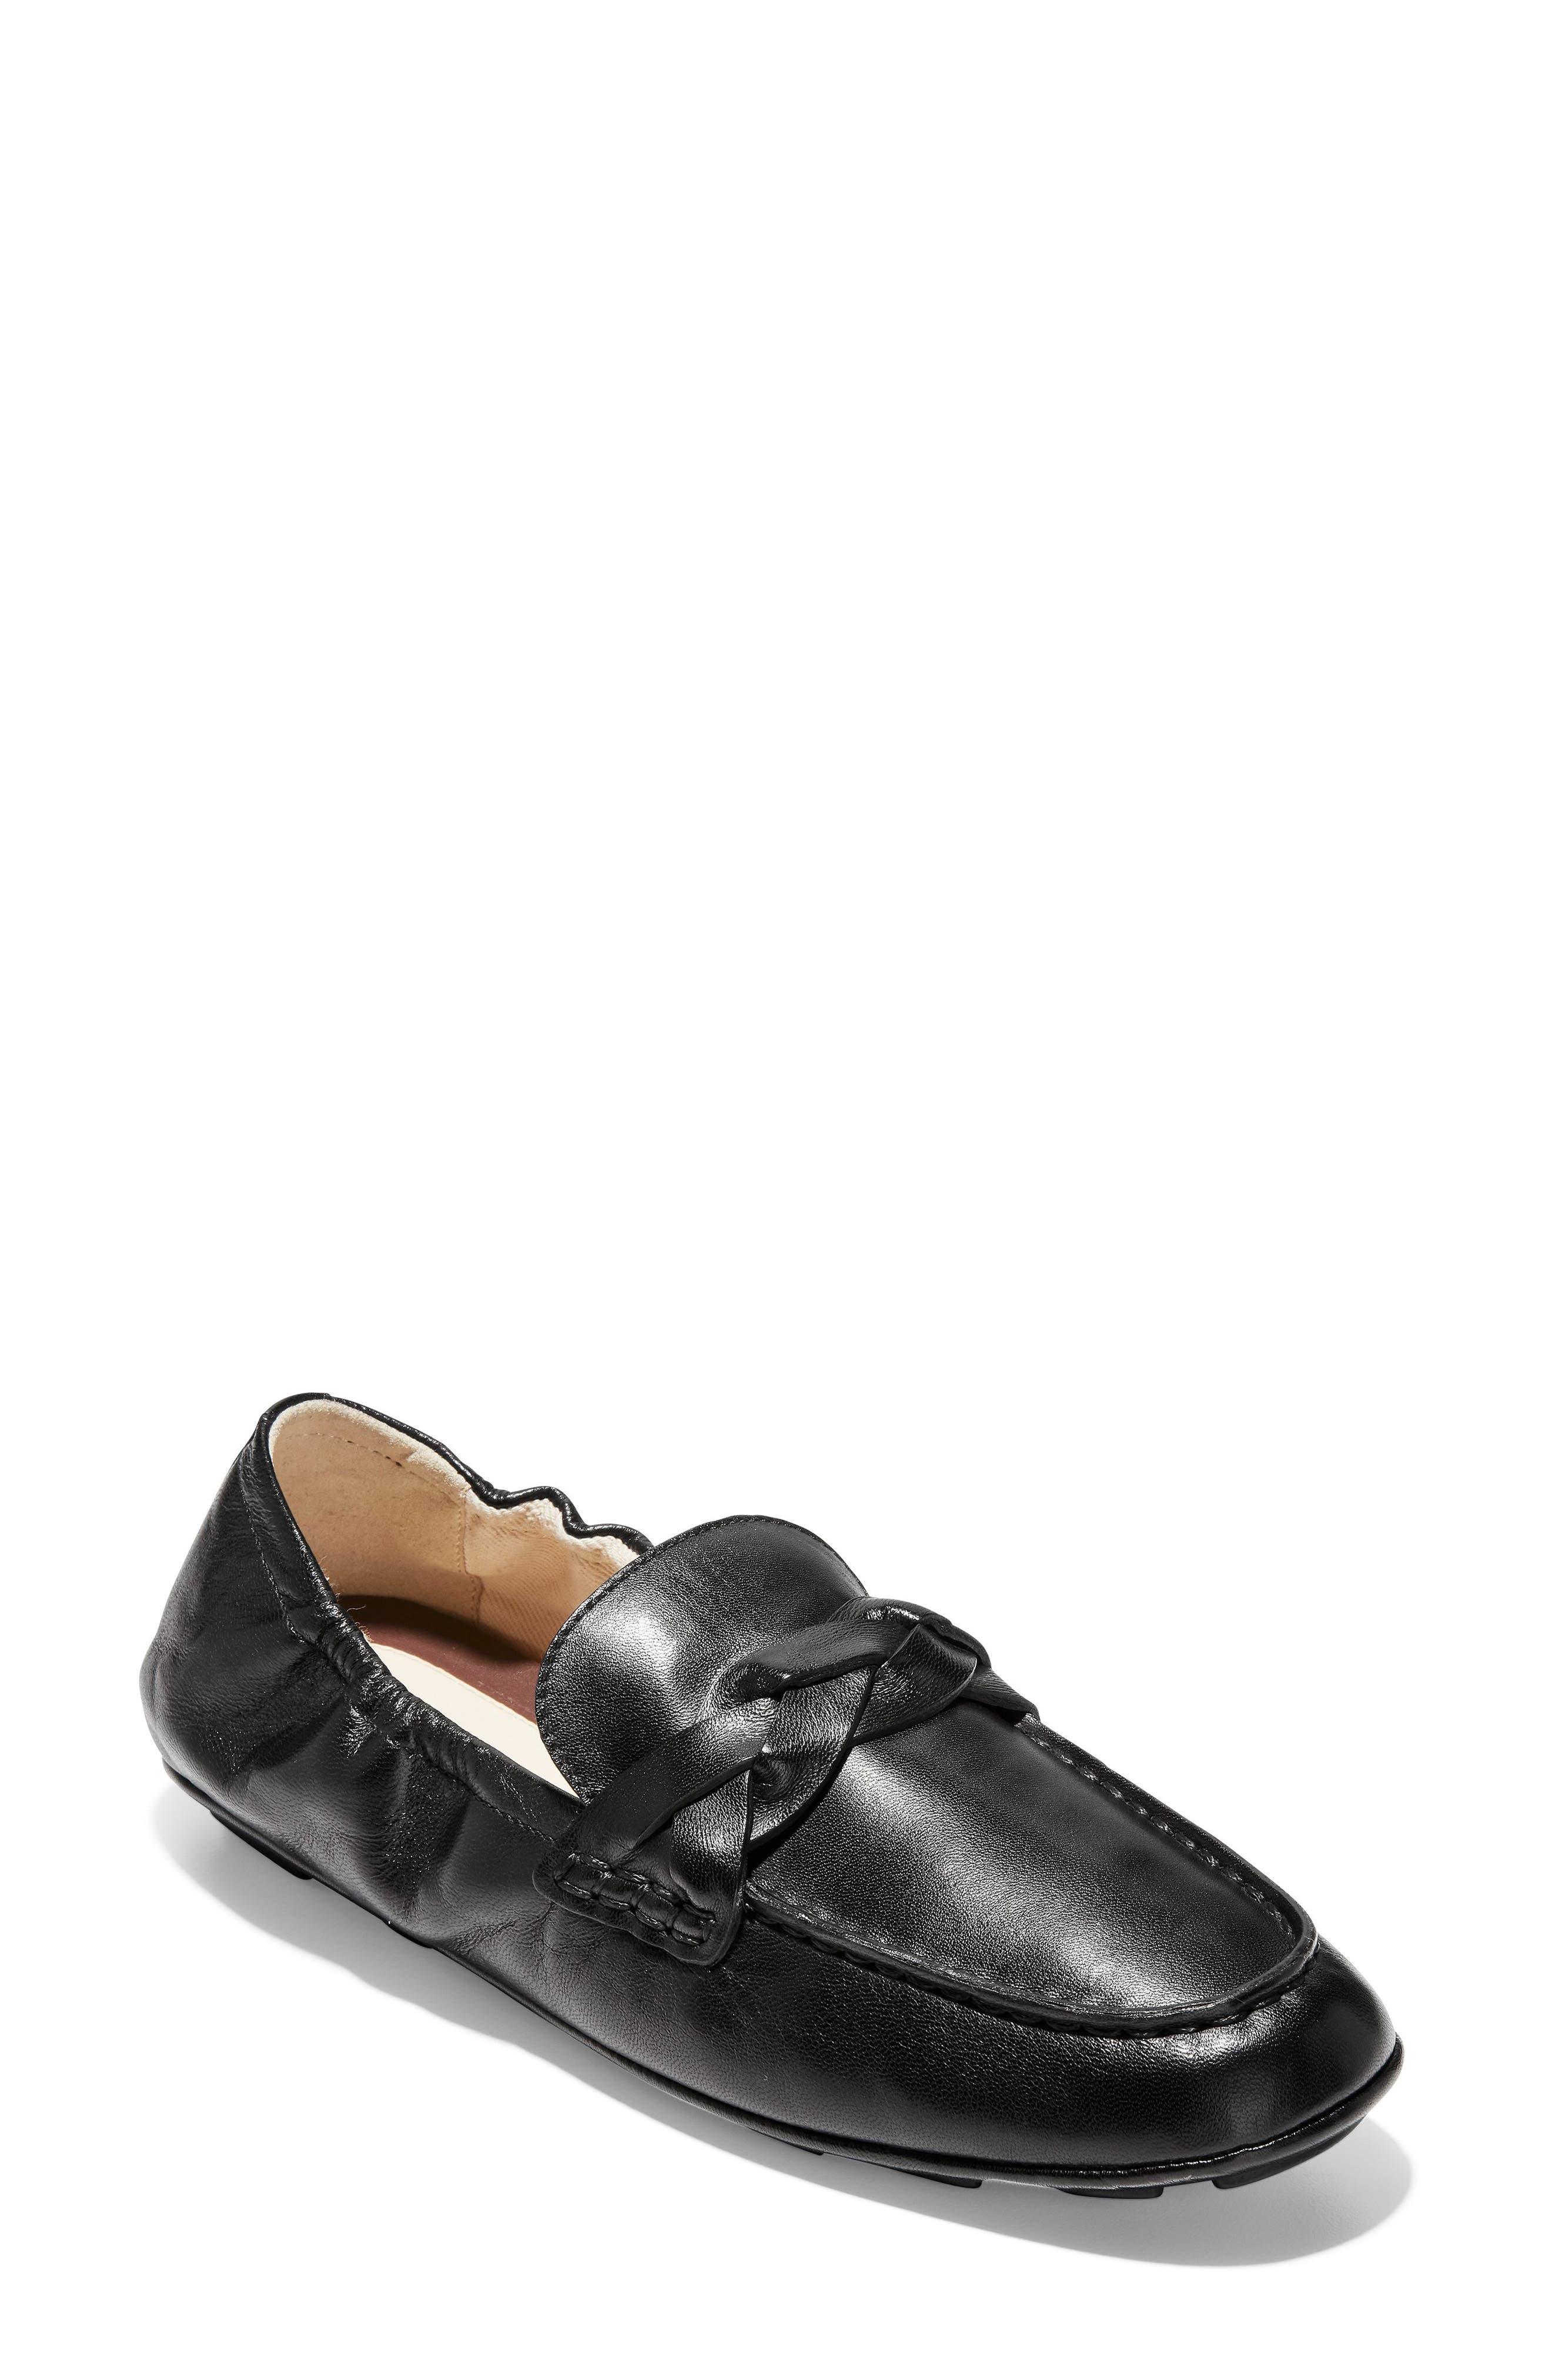 Odette Loafer, Main, color, BLACK LEATHER